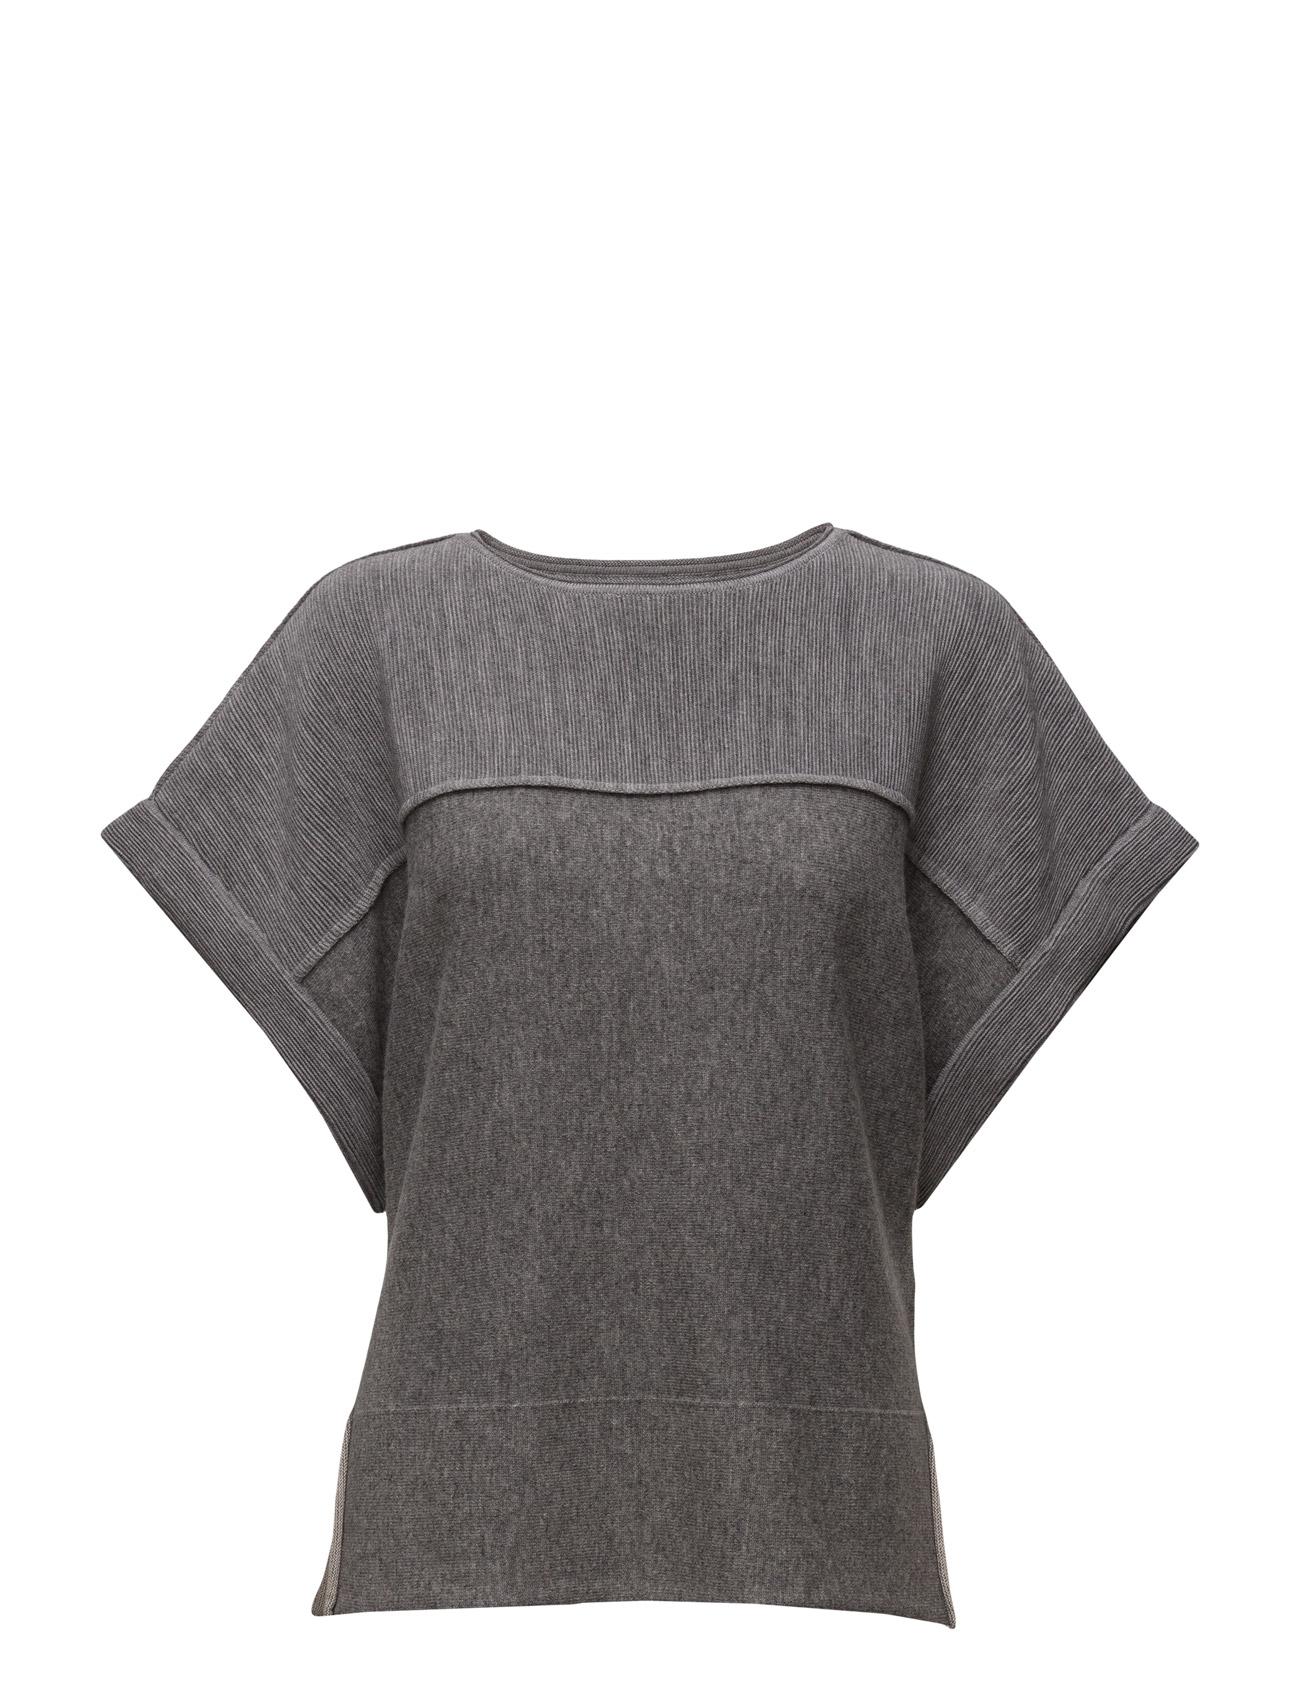 Lonsdala By Malene Birger Sweatshirts til Damer i Med Grey Mel